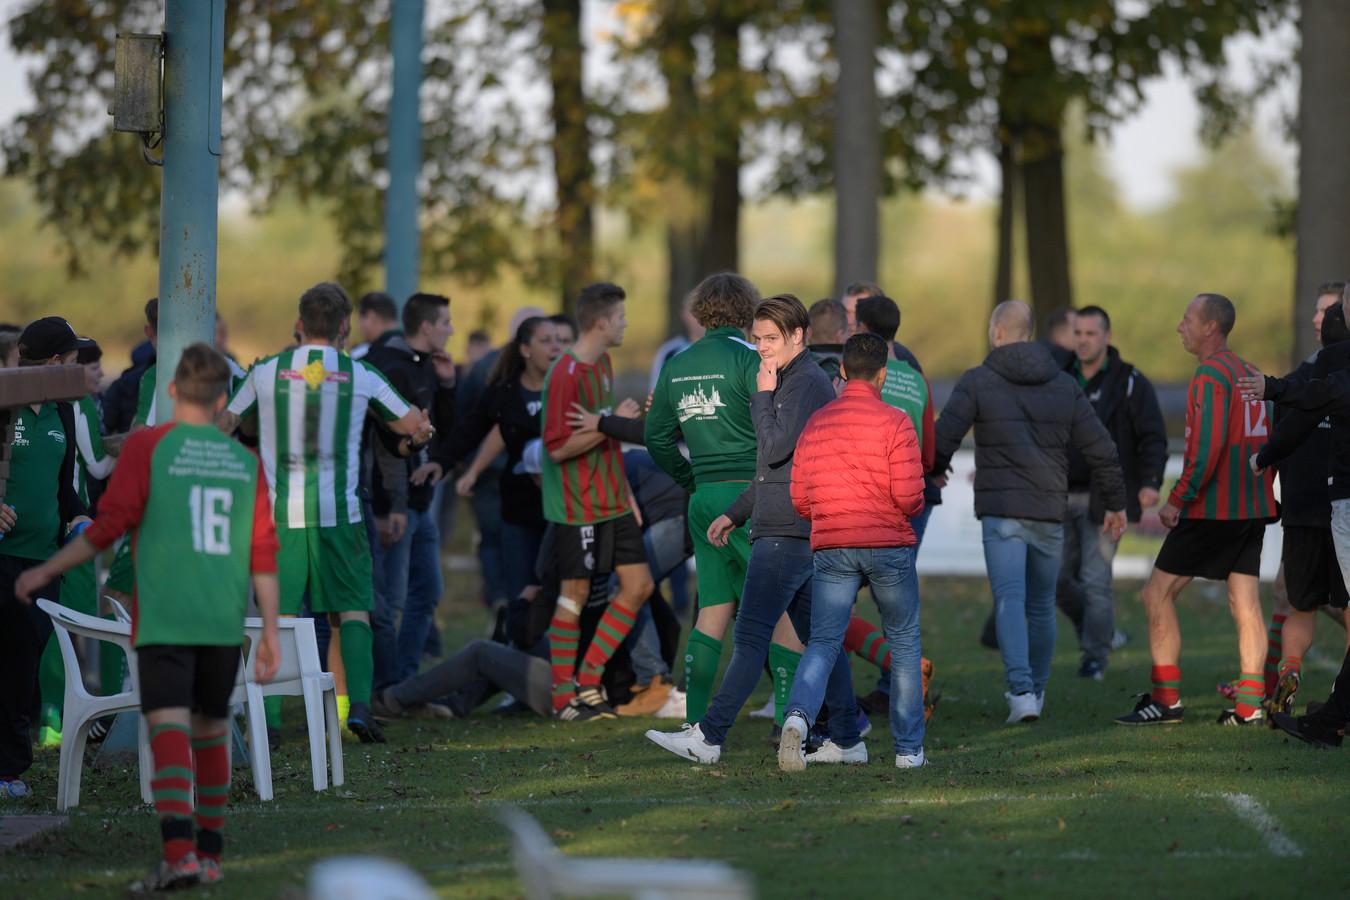 Het incident op het veld in Haaften op archiefbeeld.